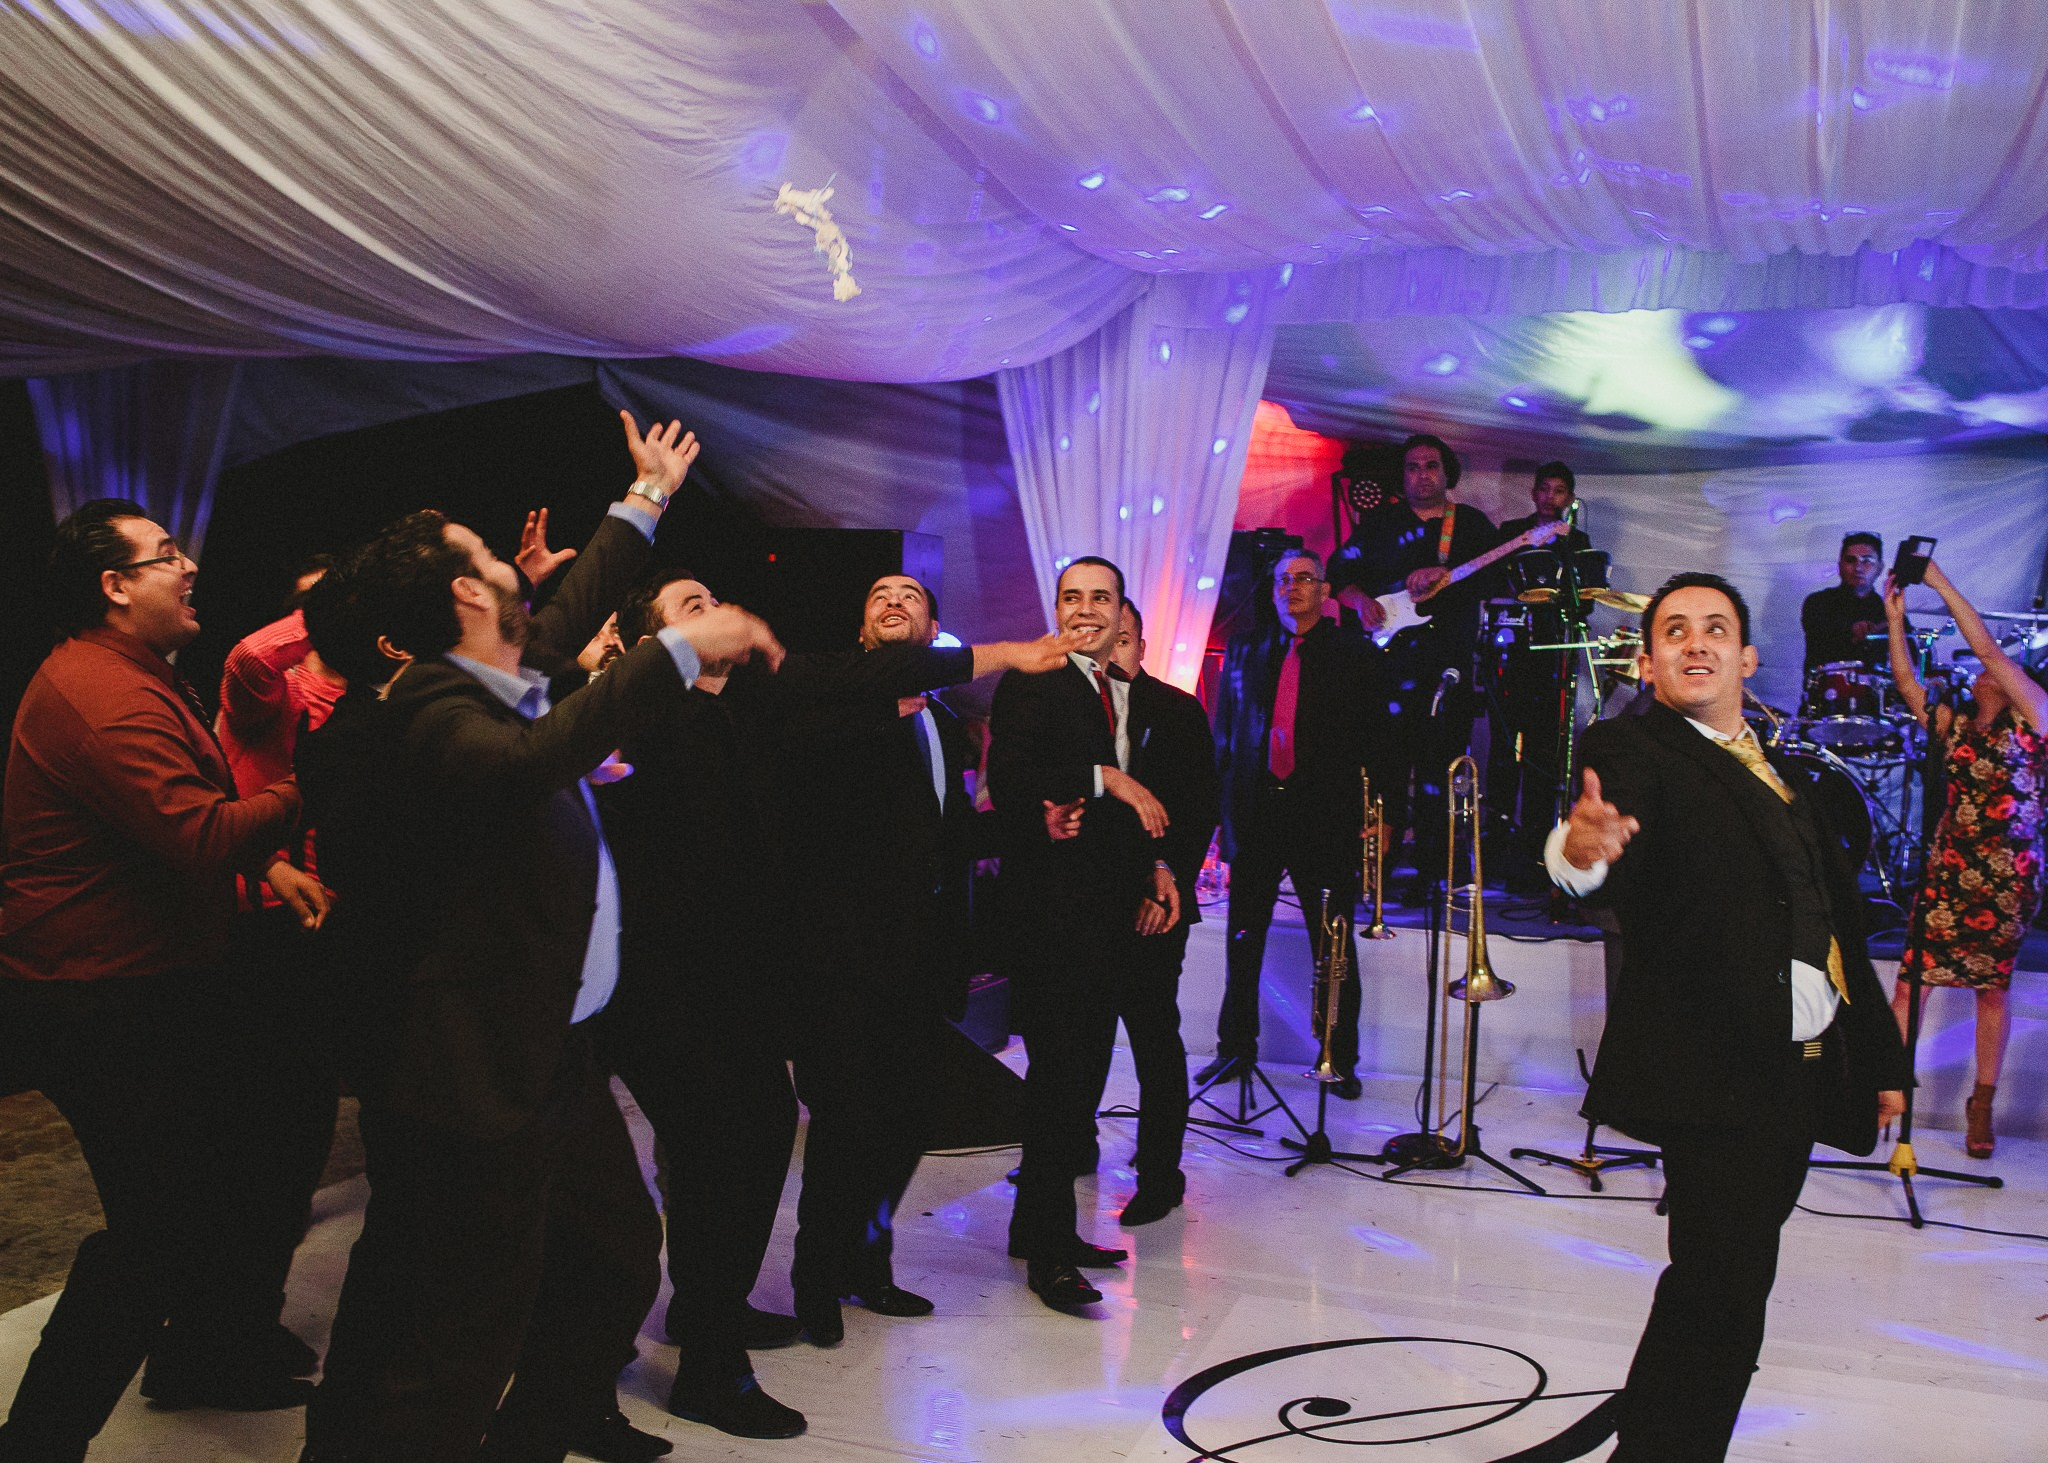 03boda-en-jardin-wedding-hacienda-los-cuartos-fotografo-luis-houdin131